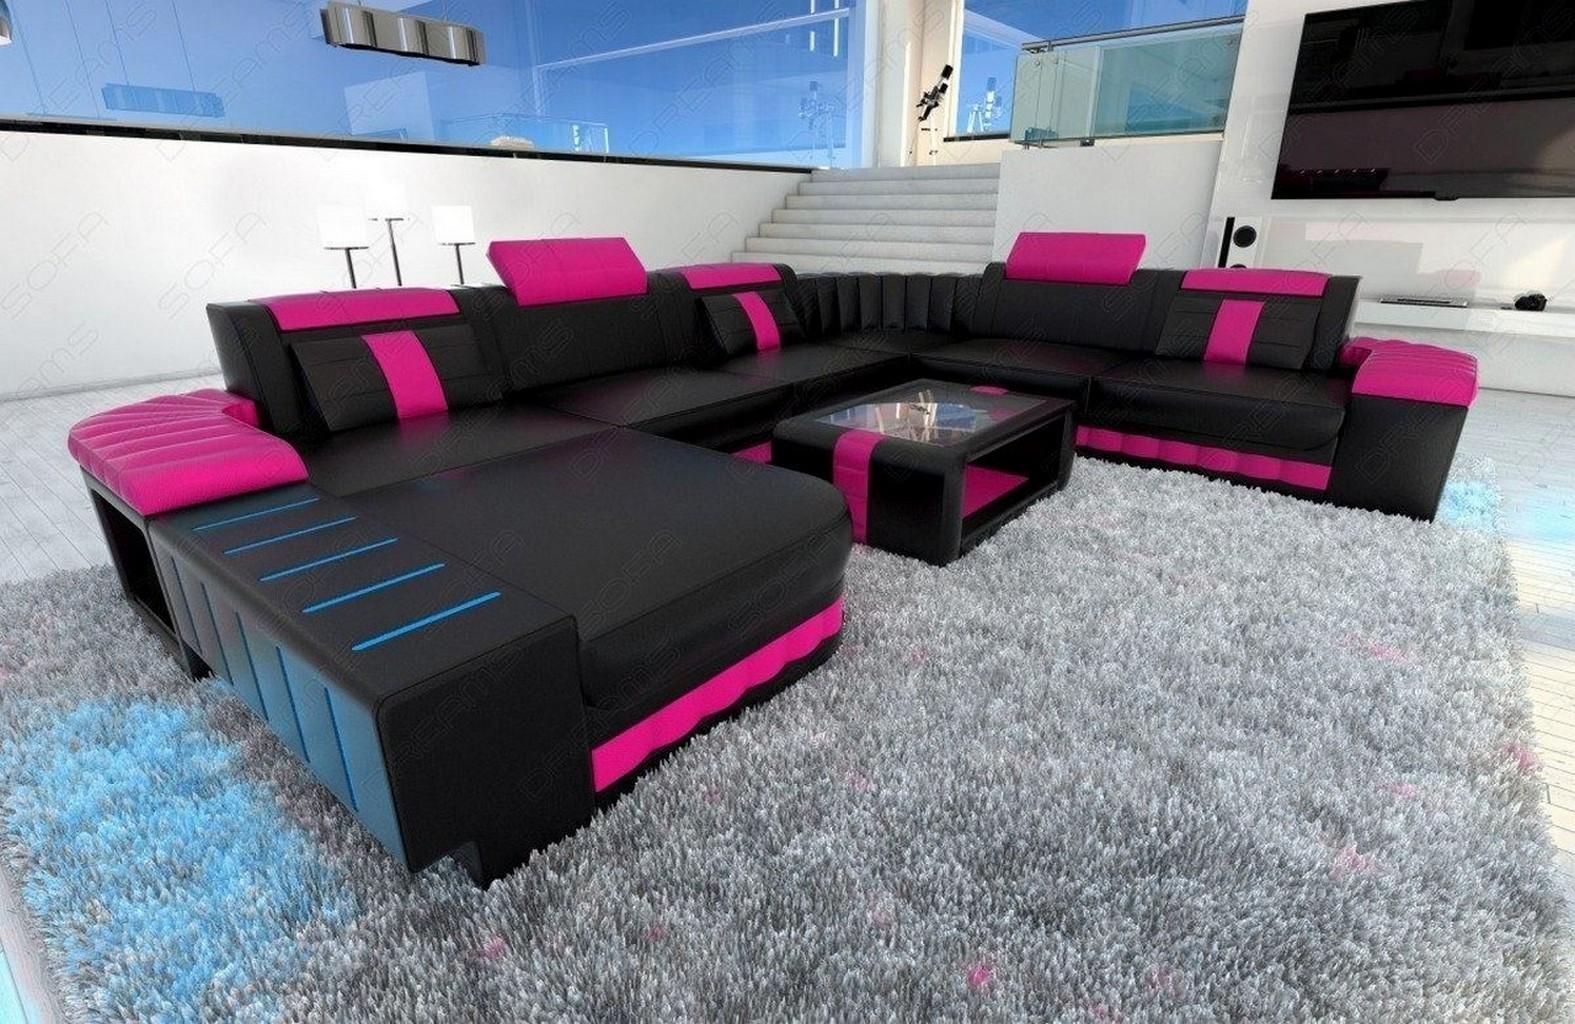 Xxl Sofa Wohnlandschaft Bellagio Led Couch Garnitur Designersofa Schwarz Pink Ebay